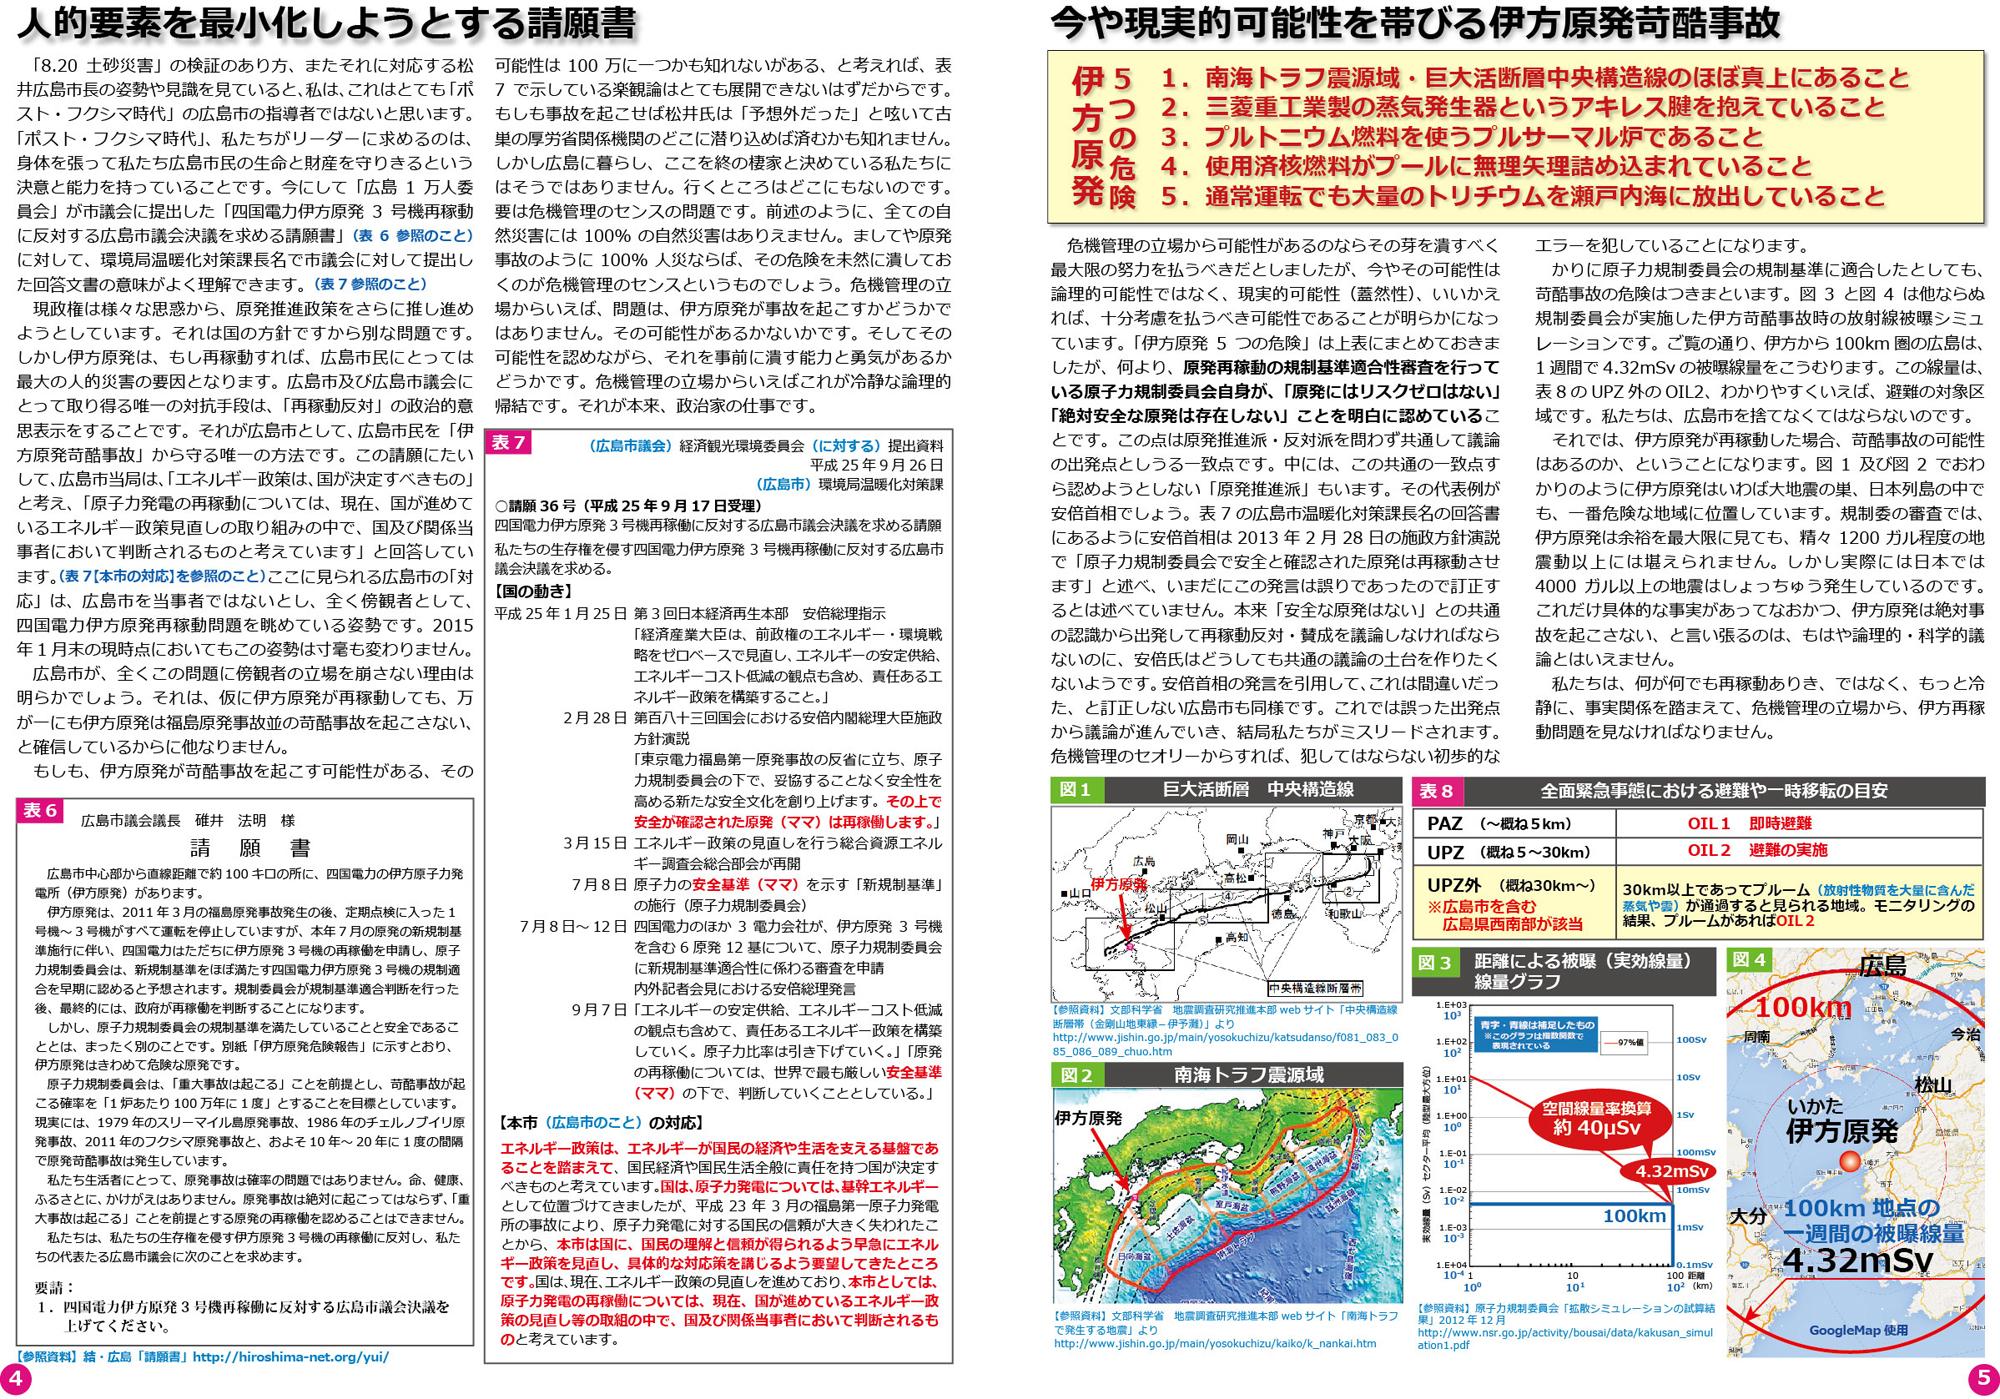 ファイル 53-3.jpg